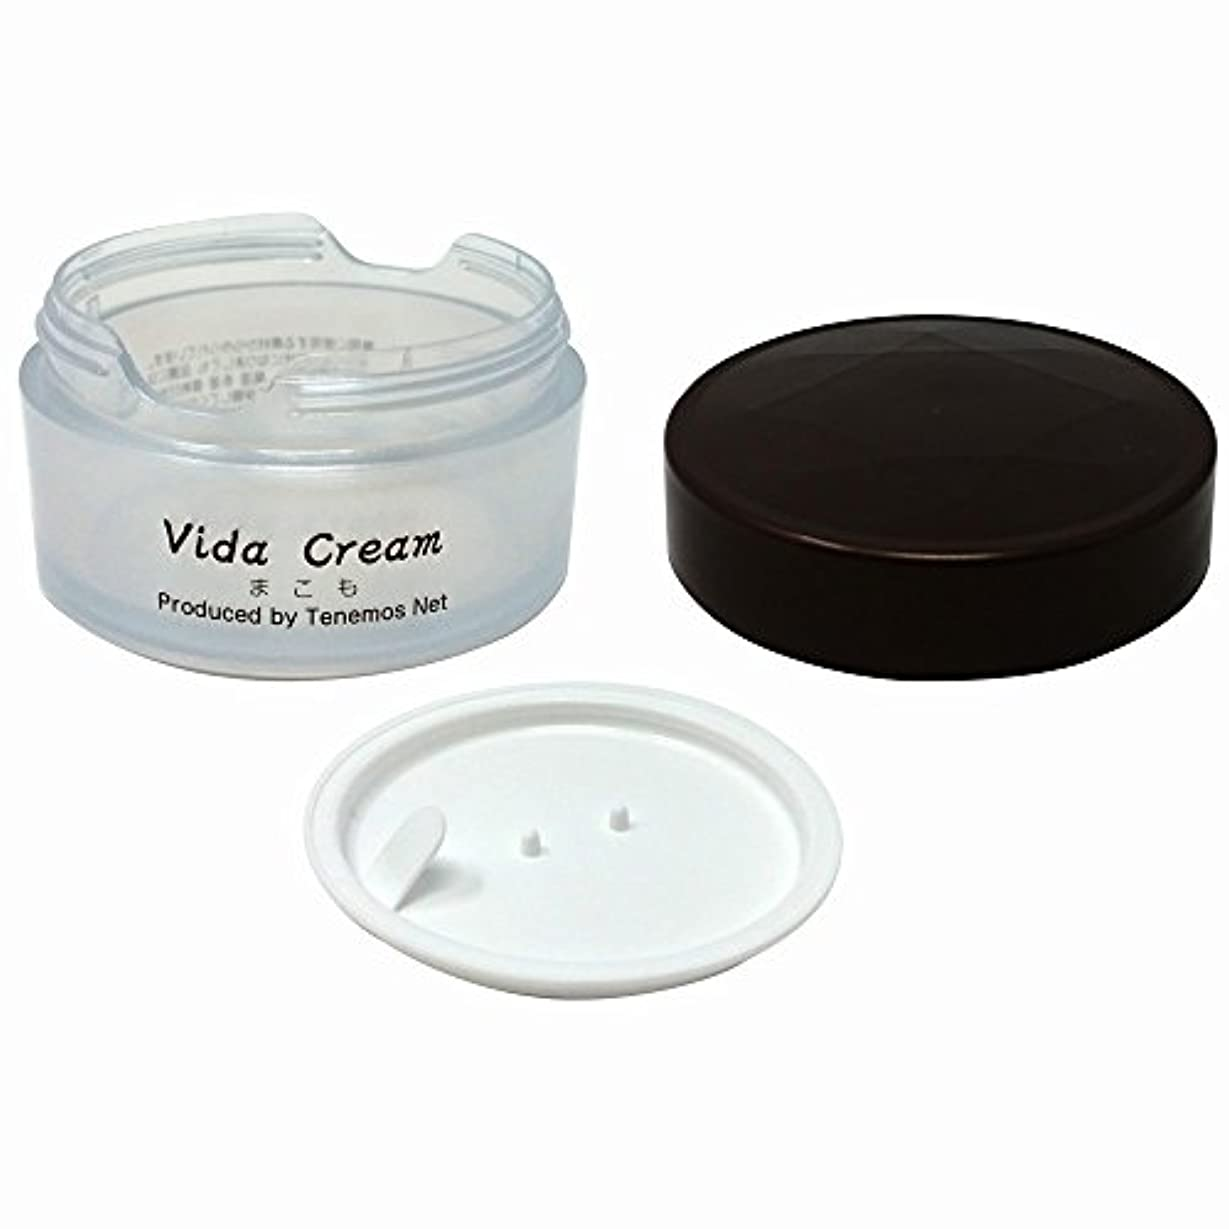 ダイヤモンド安全でない電子レンジテネモス ビダクリーム Vida Cream 専用ケース(あずき色)